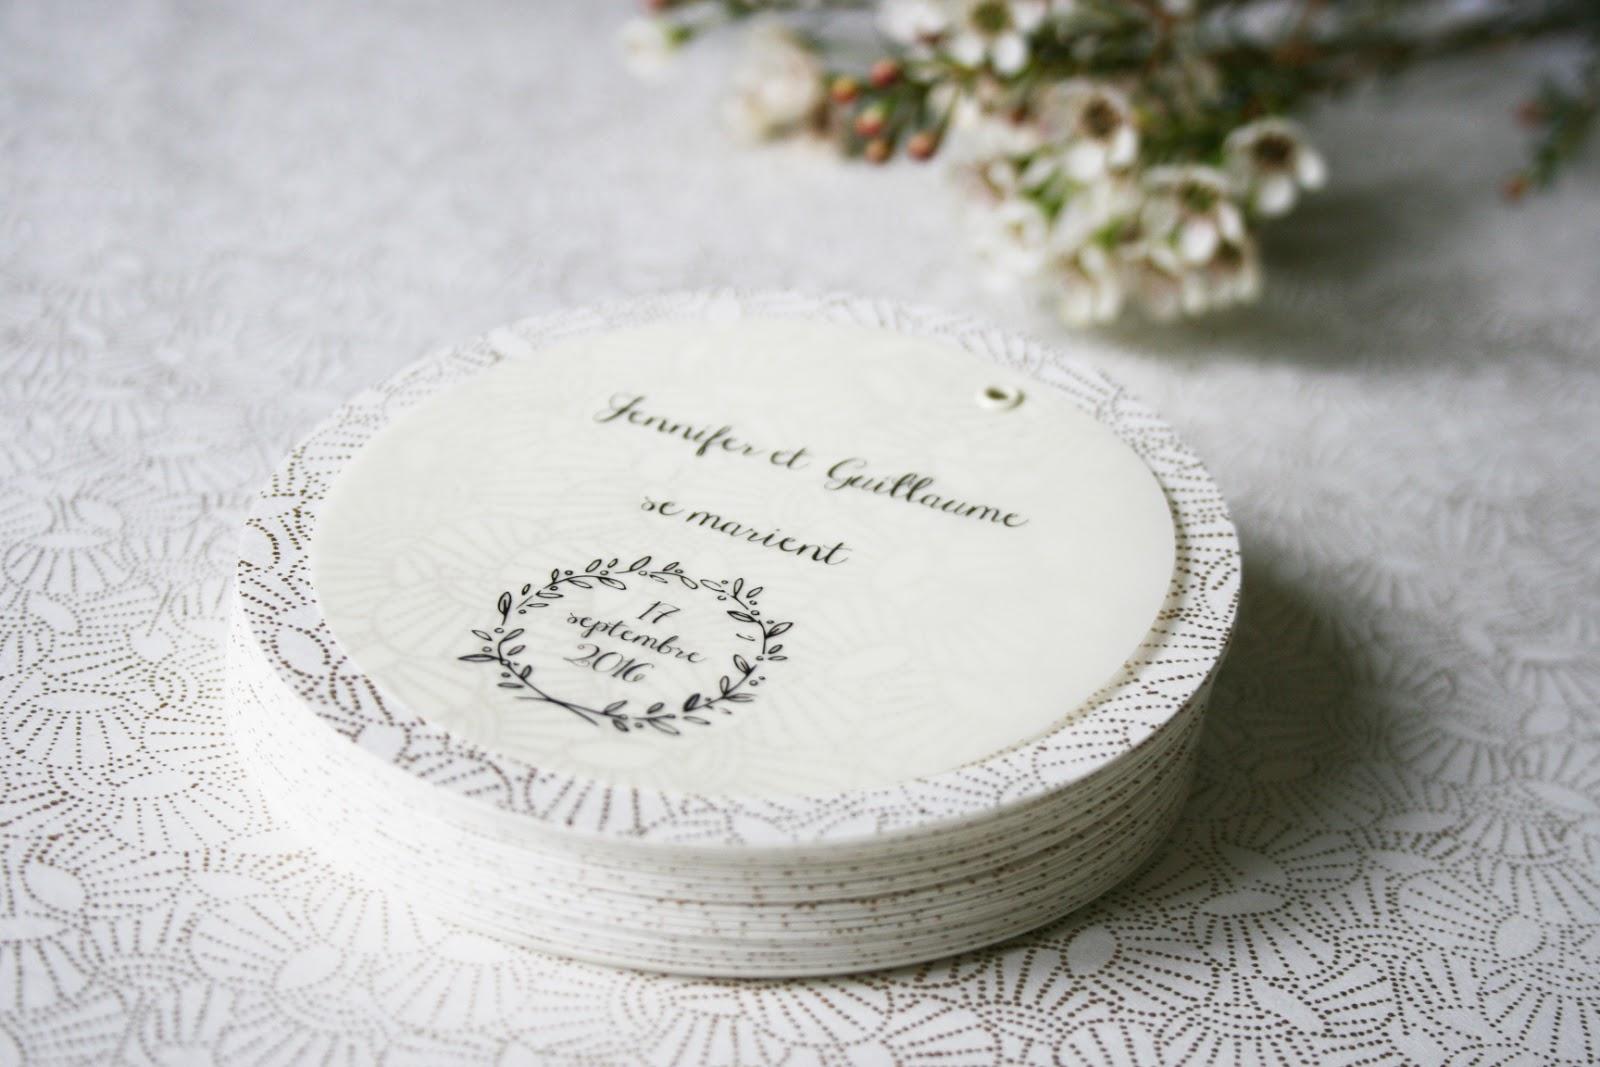 Bien-aimé Fleur de pommier dans son atelier: Mariage chic et champêtre en or  ZY04